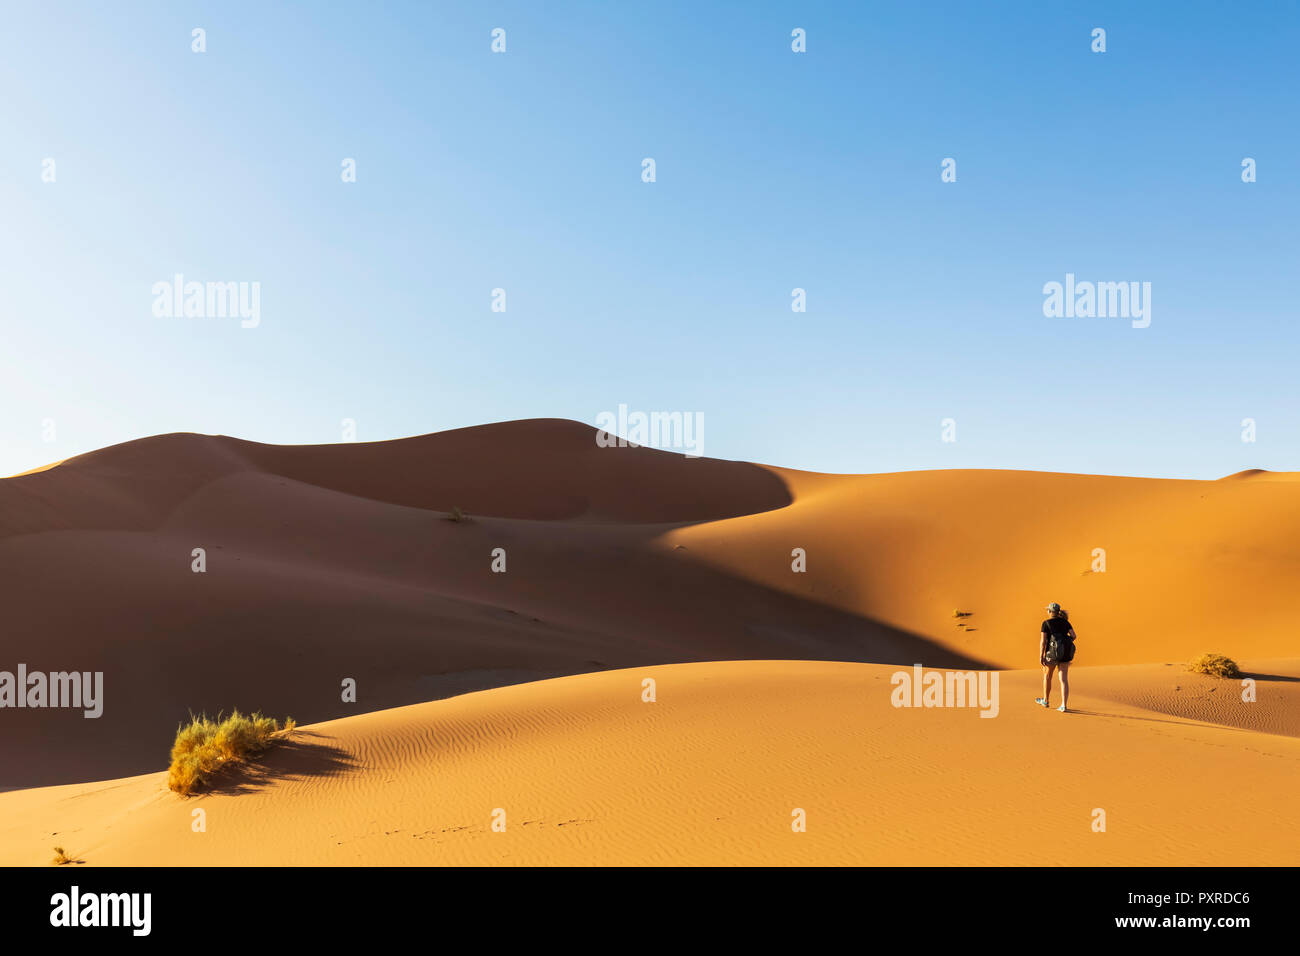 Africa, Namibia, Namib desert, Naukluft National Park, female tourist walking on dune - Stock Image